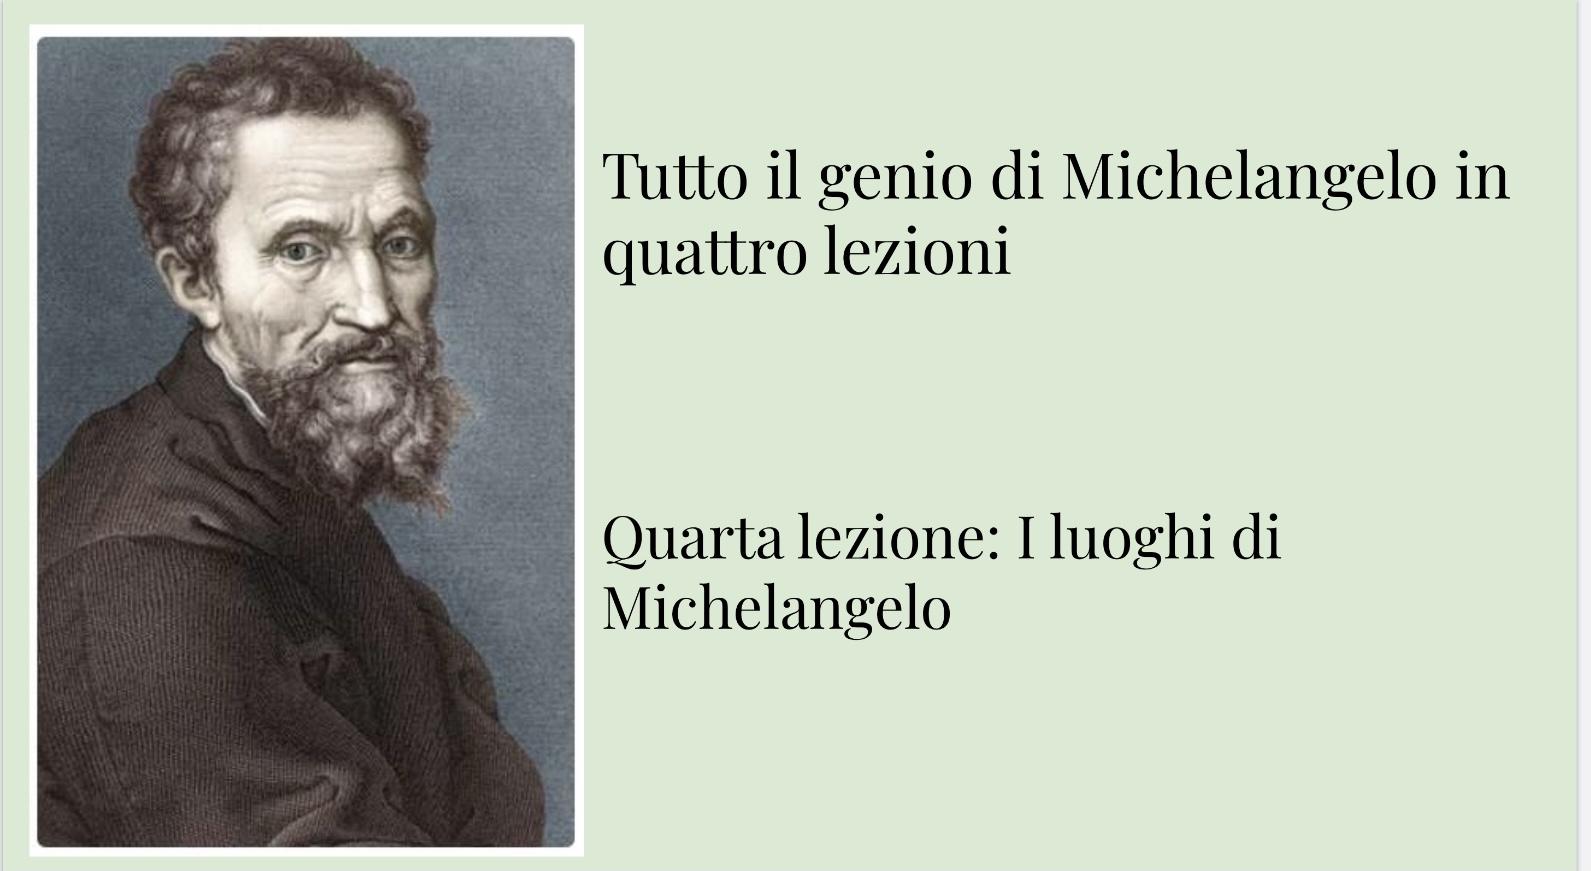 Tutto il genio di Michelangelo: quarta lezione